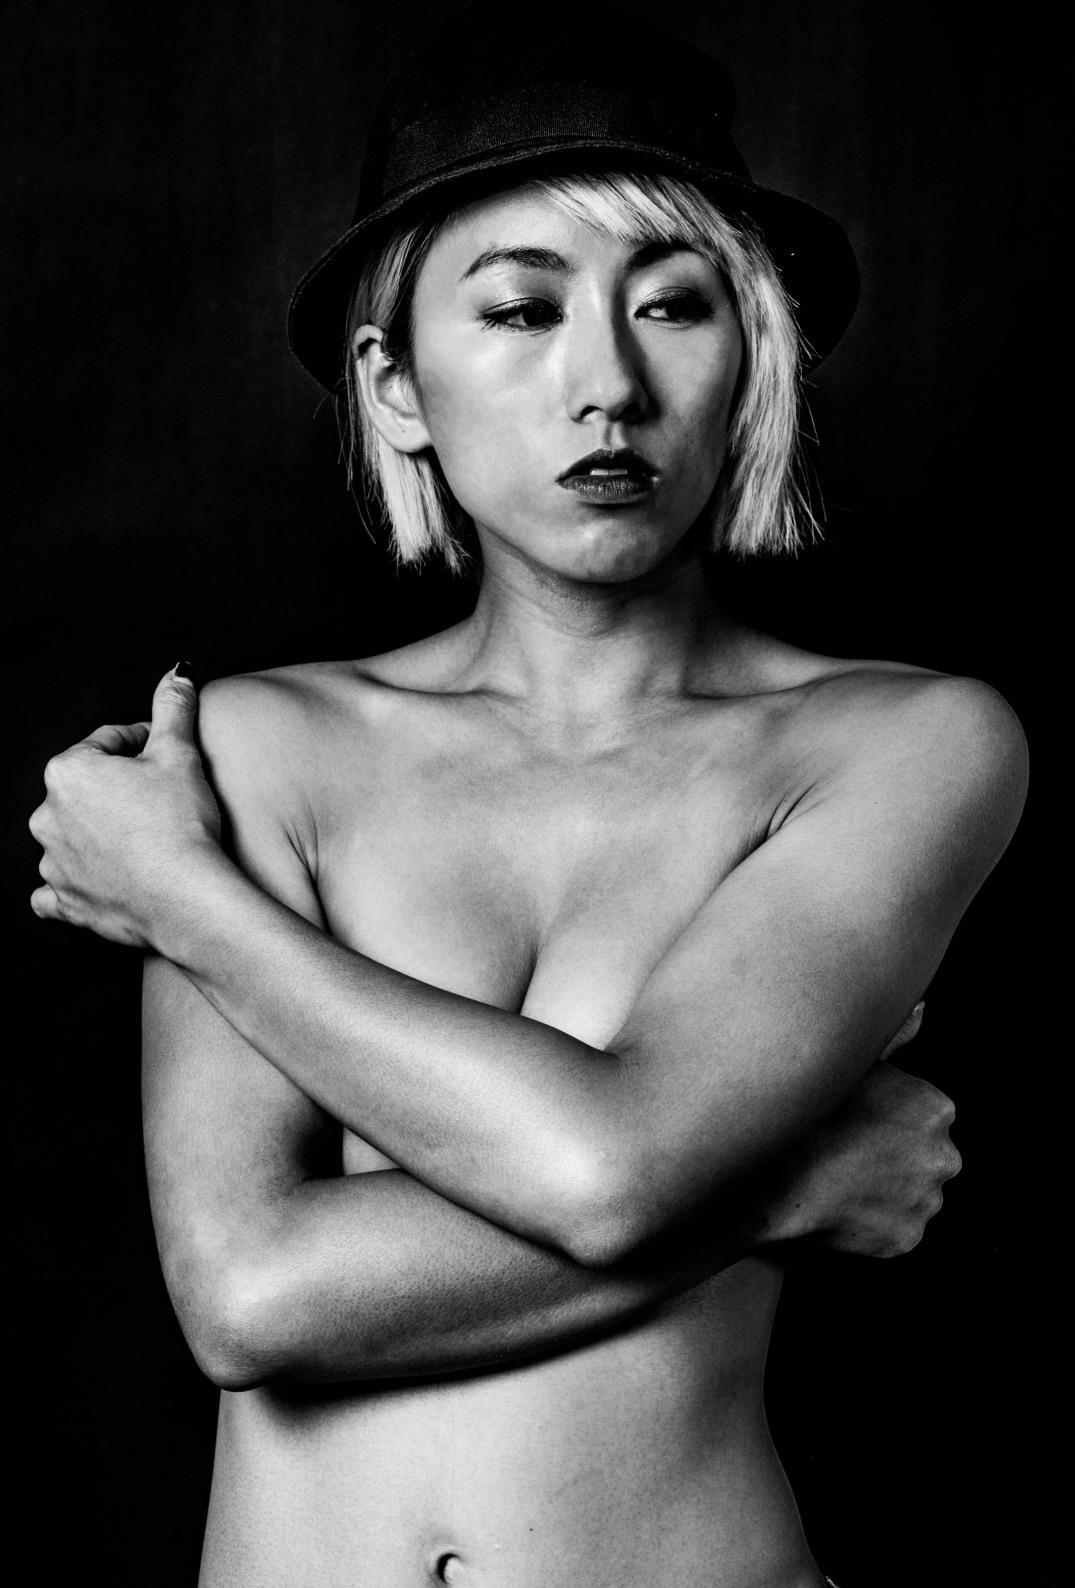 模特兒時裝服裝攝影_化妝髮型服務_租Studio影樓_一站式服務_model_kitty2b-23